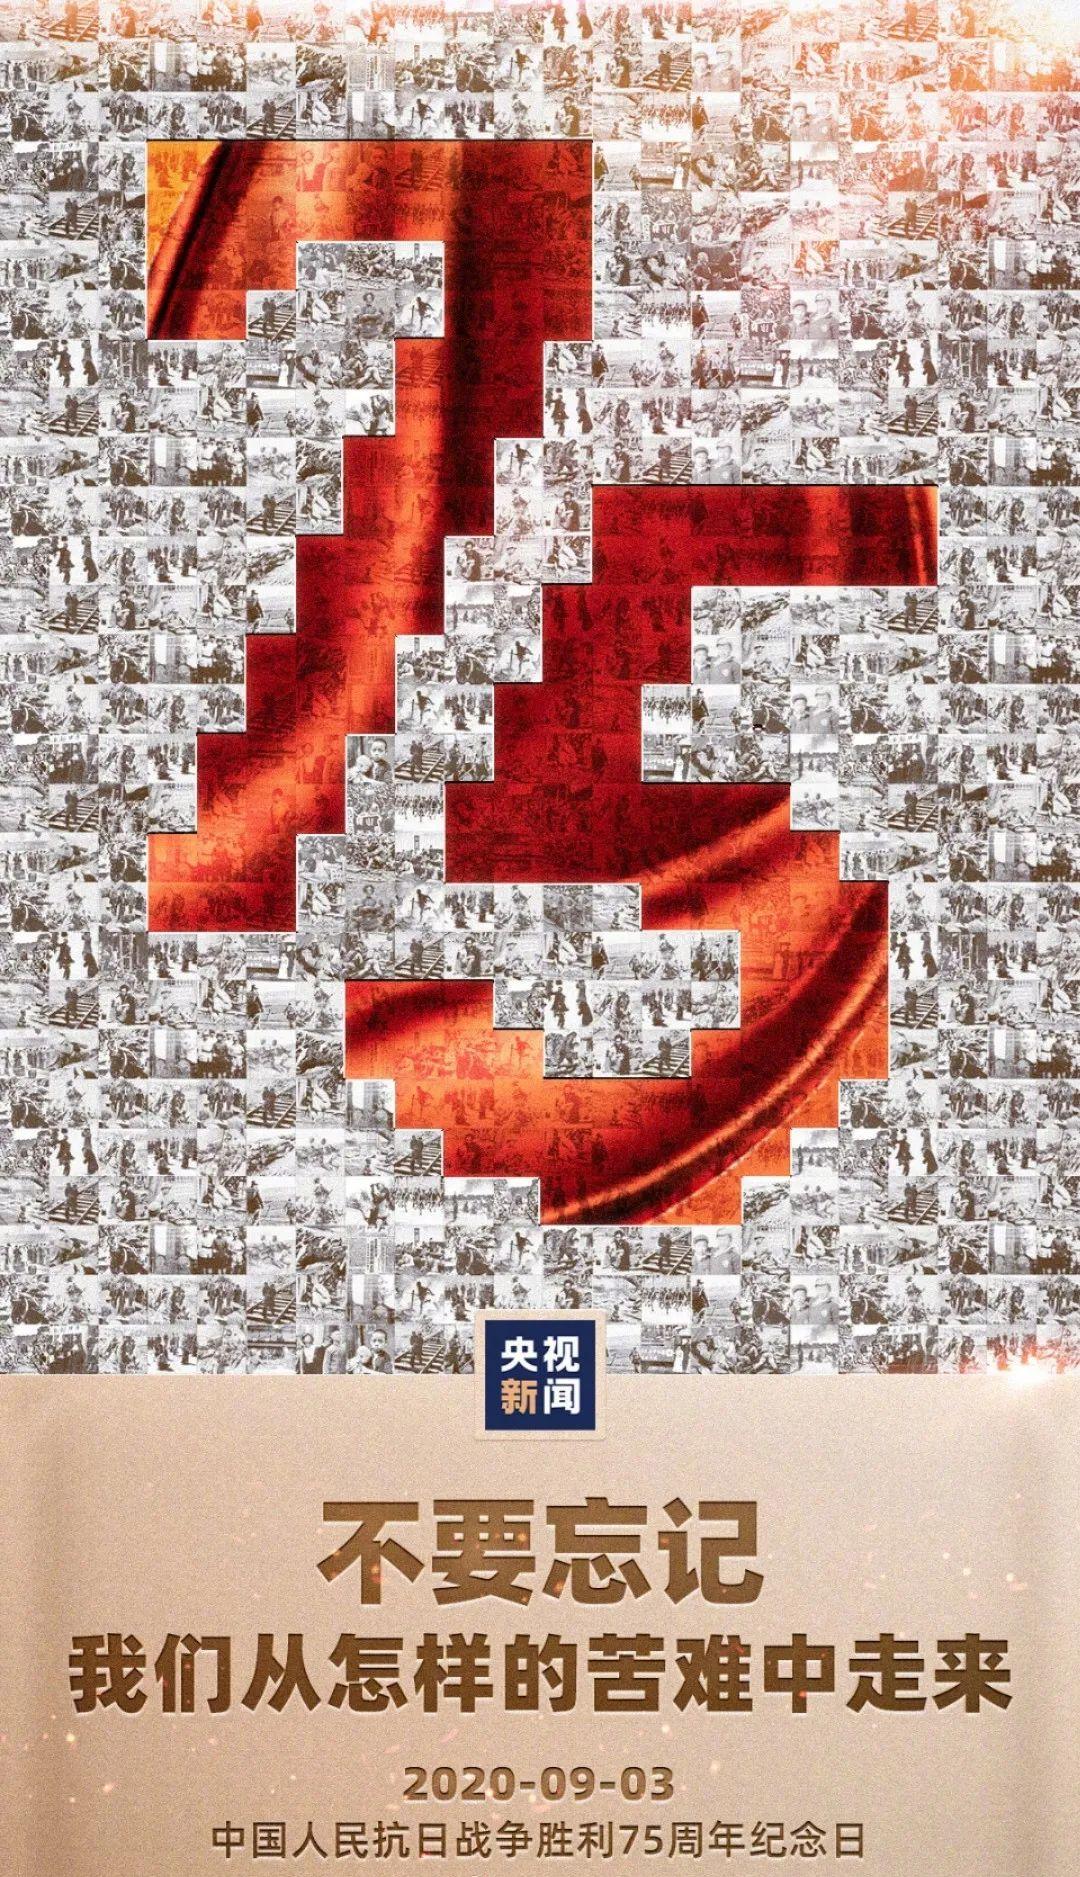 吾辈自强   抗日战争胜利75周年,此刻,向胜利致敬!